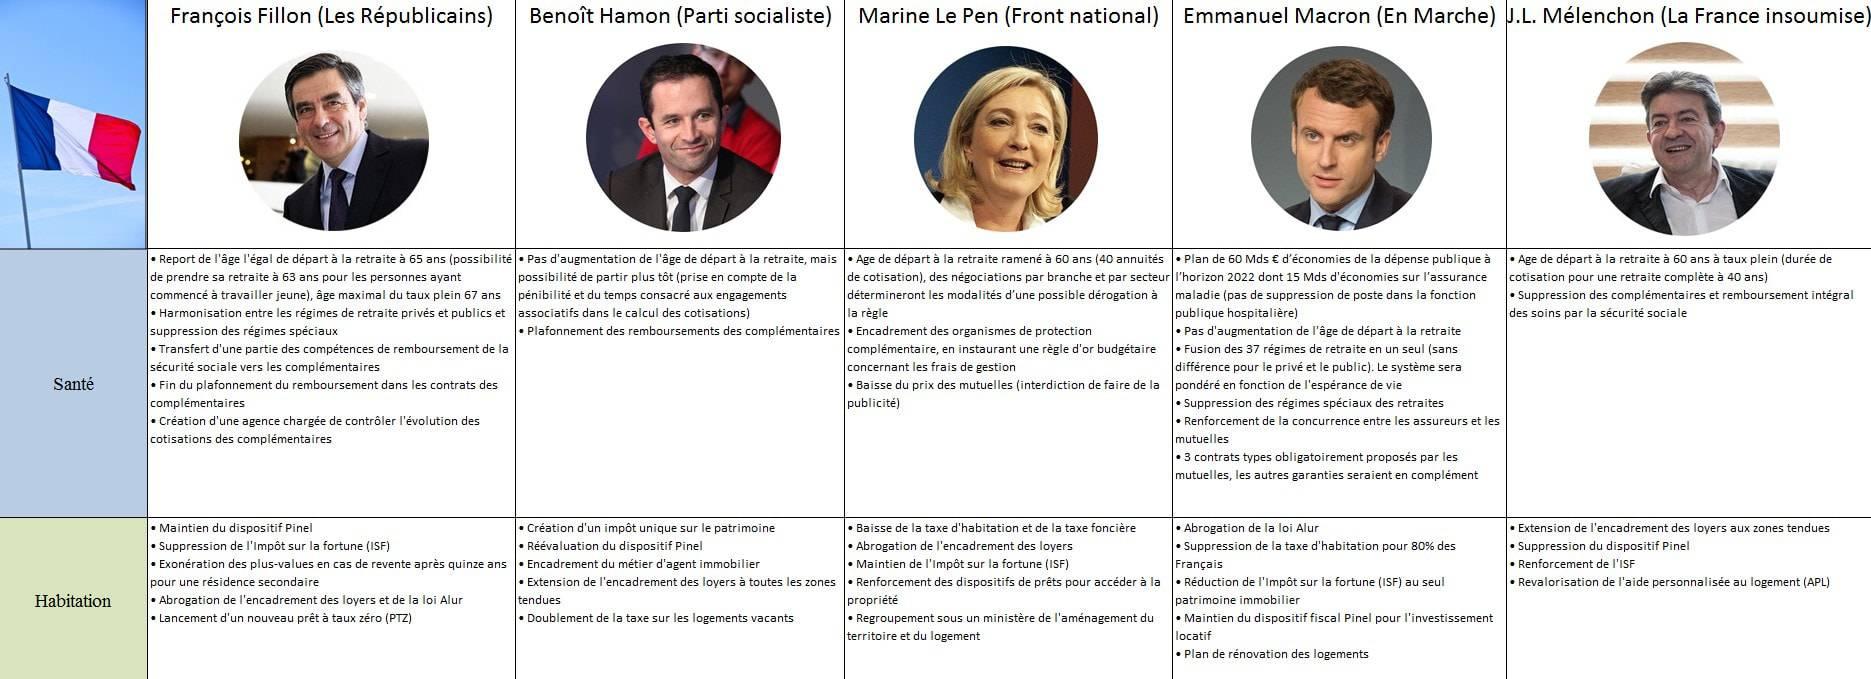 Quels programmes ont les cinq principaux candidats à l'élection présidentielle?